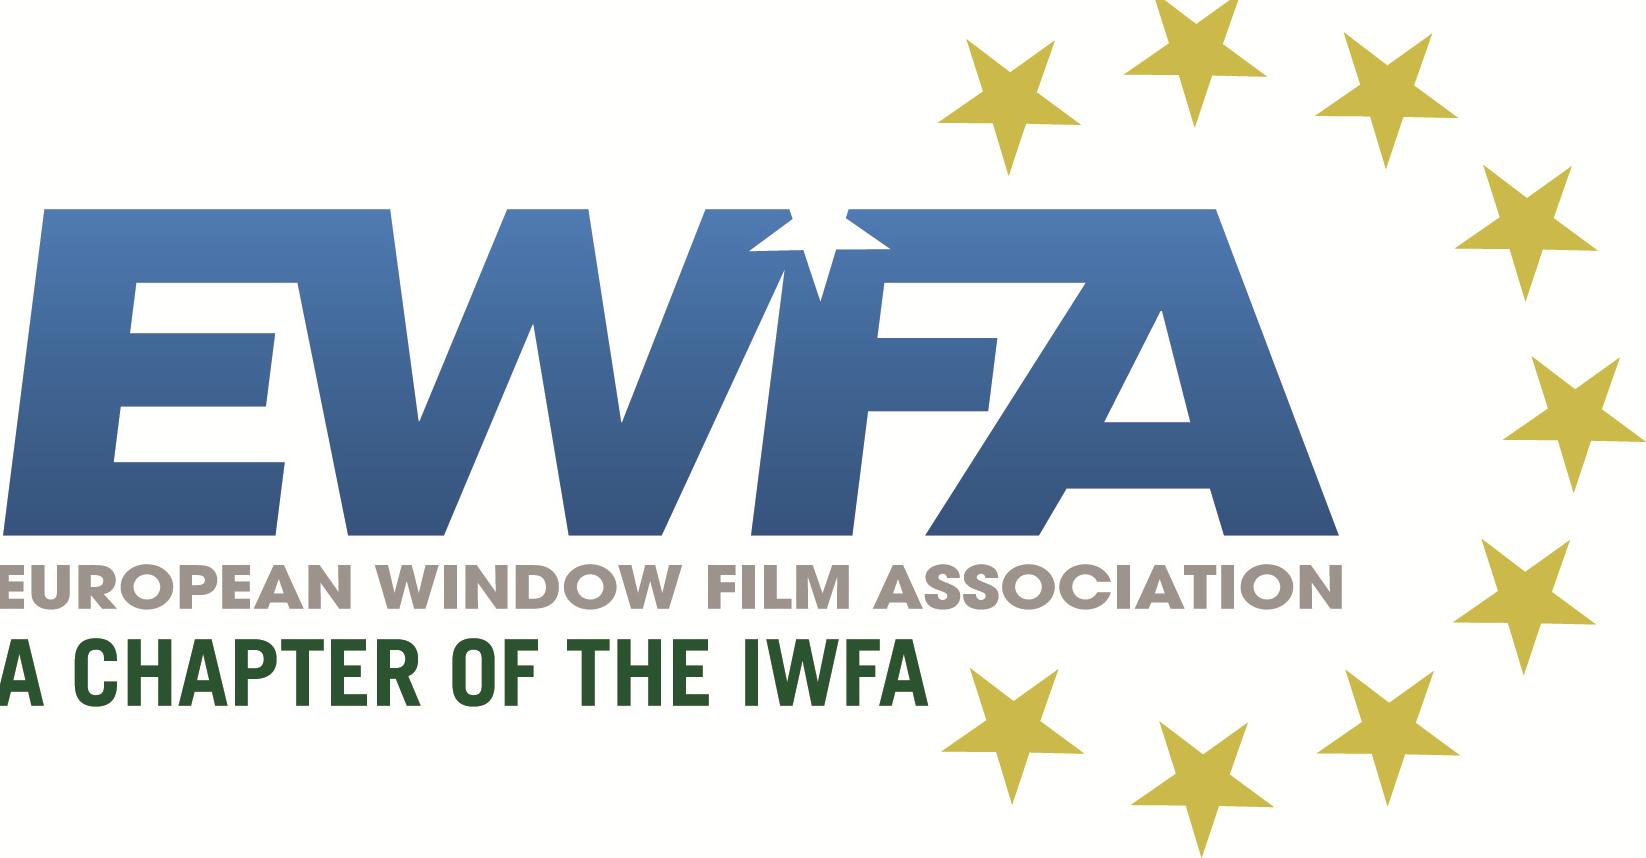 EWFA Council Meeting 2019